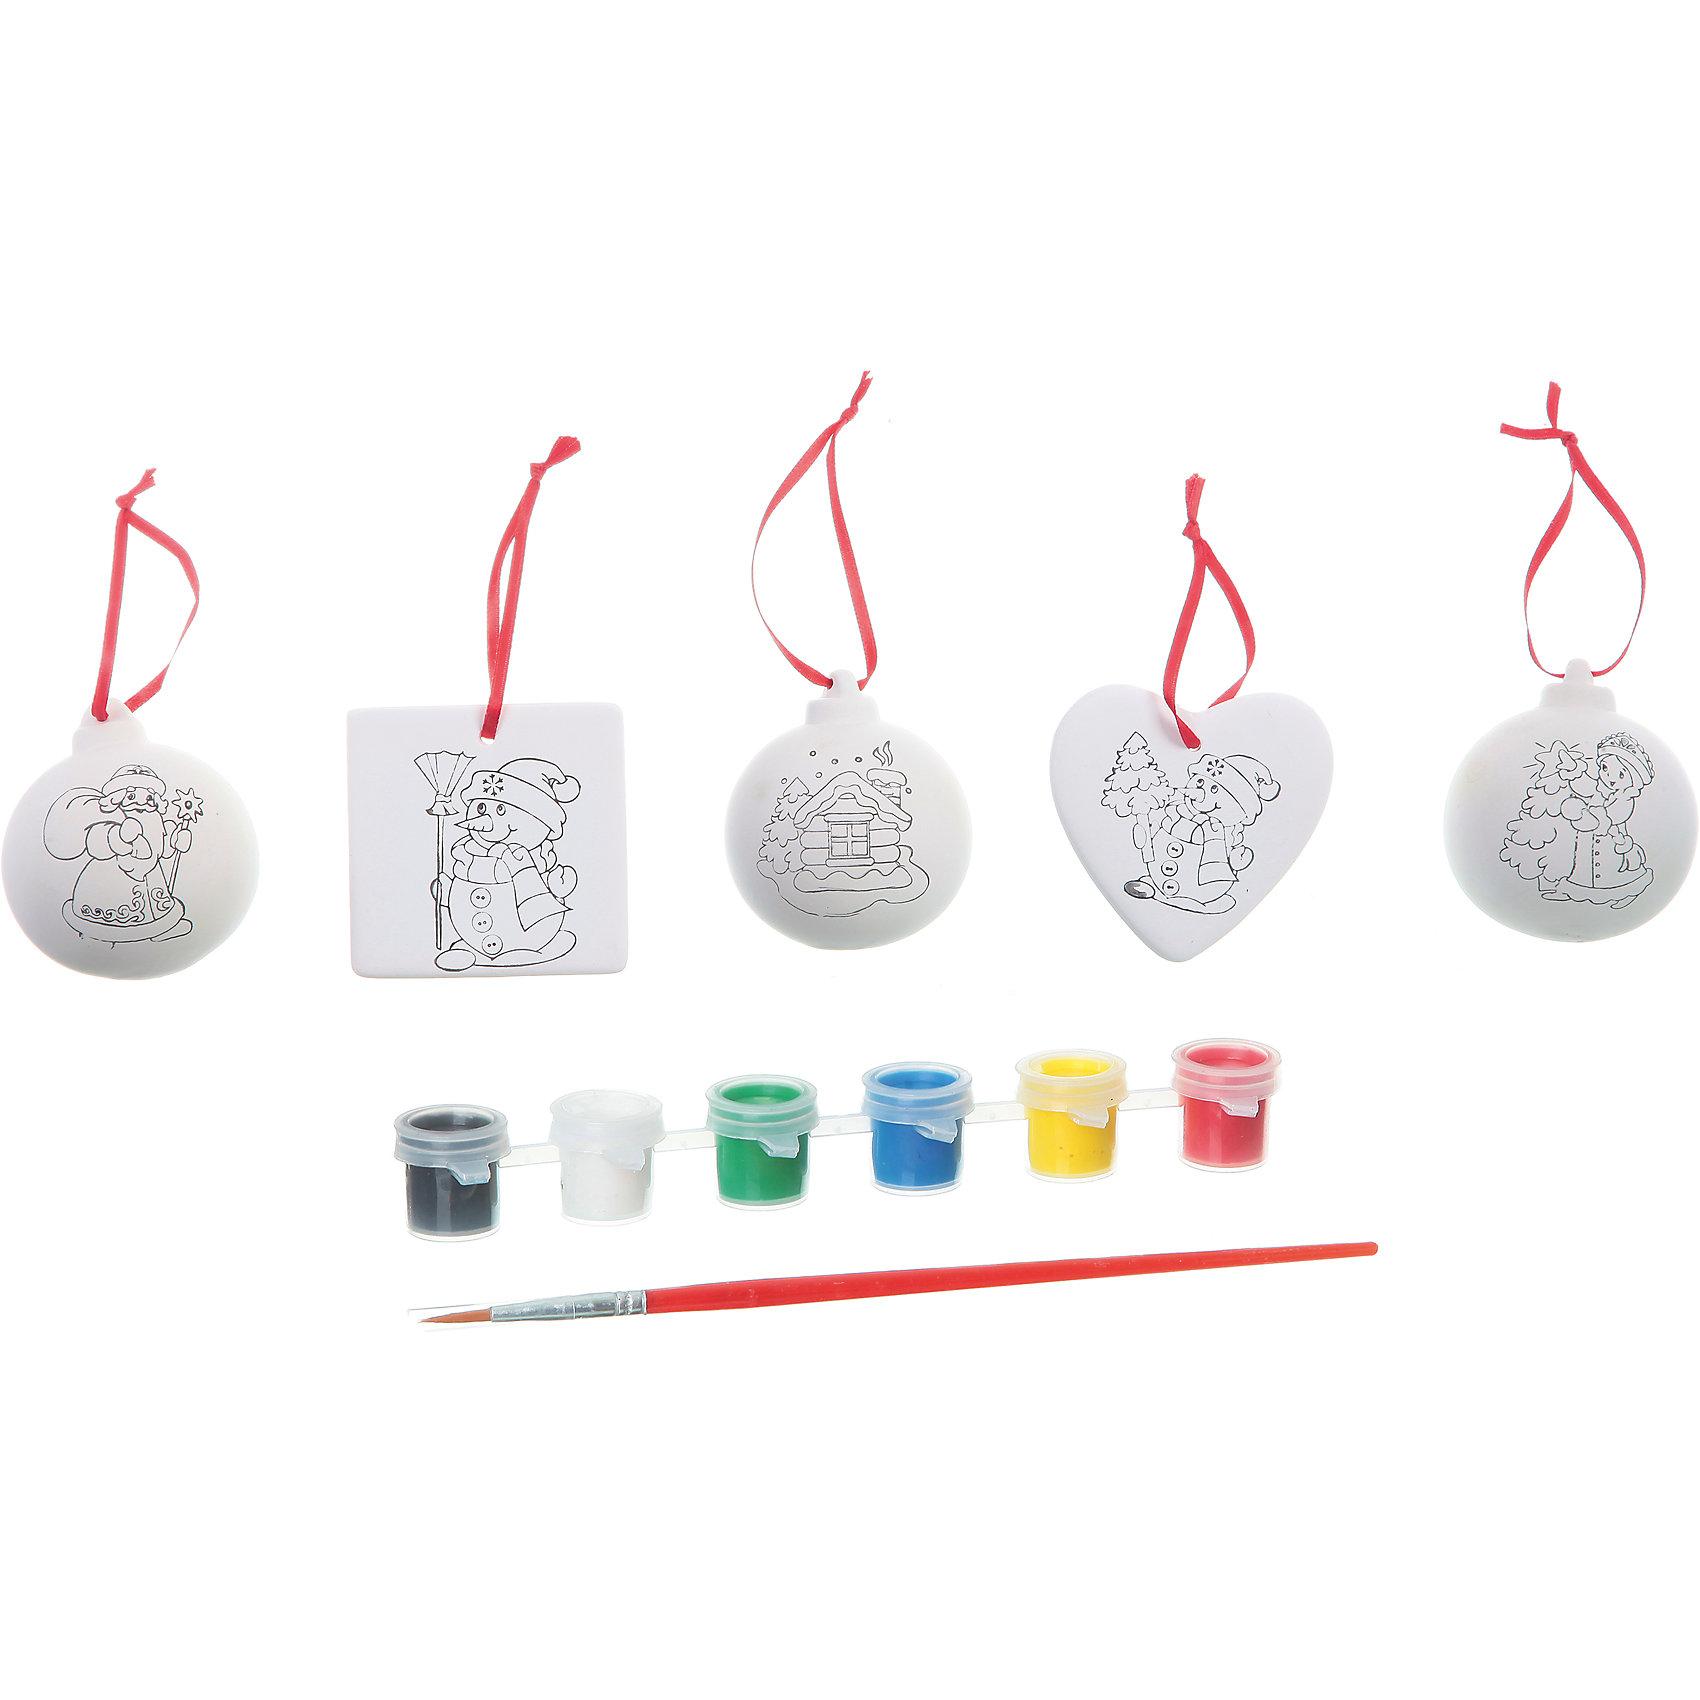 Набор для творчества Ёлочные украшения, BondibonНабор для творчества Ёлочные украшения Bondibon (Бондибон).<br><br>Характеристики:<br><br>• Материал: керамика, краски, дерево, текстиль.<br>• Размеры упаковки: 27 х 22 х 6 см.<br>• В набор входит: <br>- 5 фигурок для раскрашивания, <br>- краски 6 цветов,<br>- кисточка, <br>- инструкция.<br><br>Создайте новогоднее настроение вместе со своими детьми! Набор «Ёлочные украшения» поможет вам провести творчески досуг и создаст праздничное настроение. Набор представляет собой керамические заготовки в виде шаров с изображением домика, деда Мороза и Снегурочки, а также сердечка и медальона с изображением снеговика, которые нужно раскрасить различными цветами так, как вам подскажет фантазия. Раскрашивать изделия из керамики - очень интересно и увлекательно. Работа с таким набором помогает развить творческие способности, усидчивость, внимательность, самостоятельность, координацию движений.<br><br>Набор для творчества Ёлочные украшения Bondibon (Бондибон), можно купить в нашем интернет – магазине.<br><br>Ширина мм: 262<br>Глубина мм: 60<br>Высота мм: 222<br>Вес г: 533<br>Возраст от месяцев: 60<br>Возраст до месяцев: 1188<br>Пол: Унисекс<br>Возраст: Детский<br>SKU: 5124529